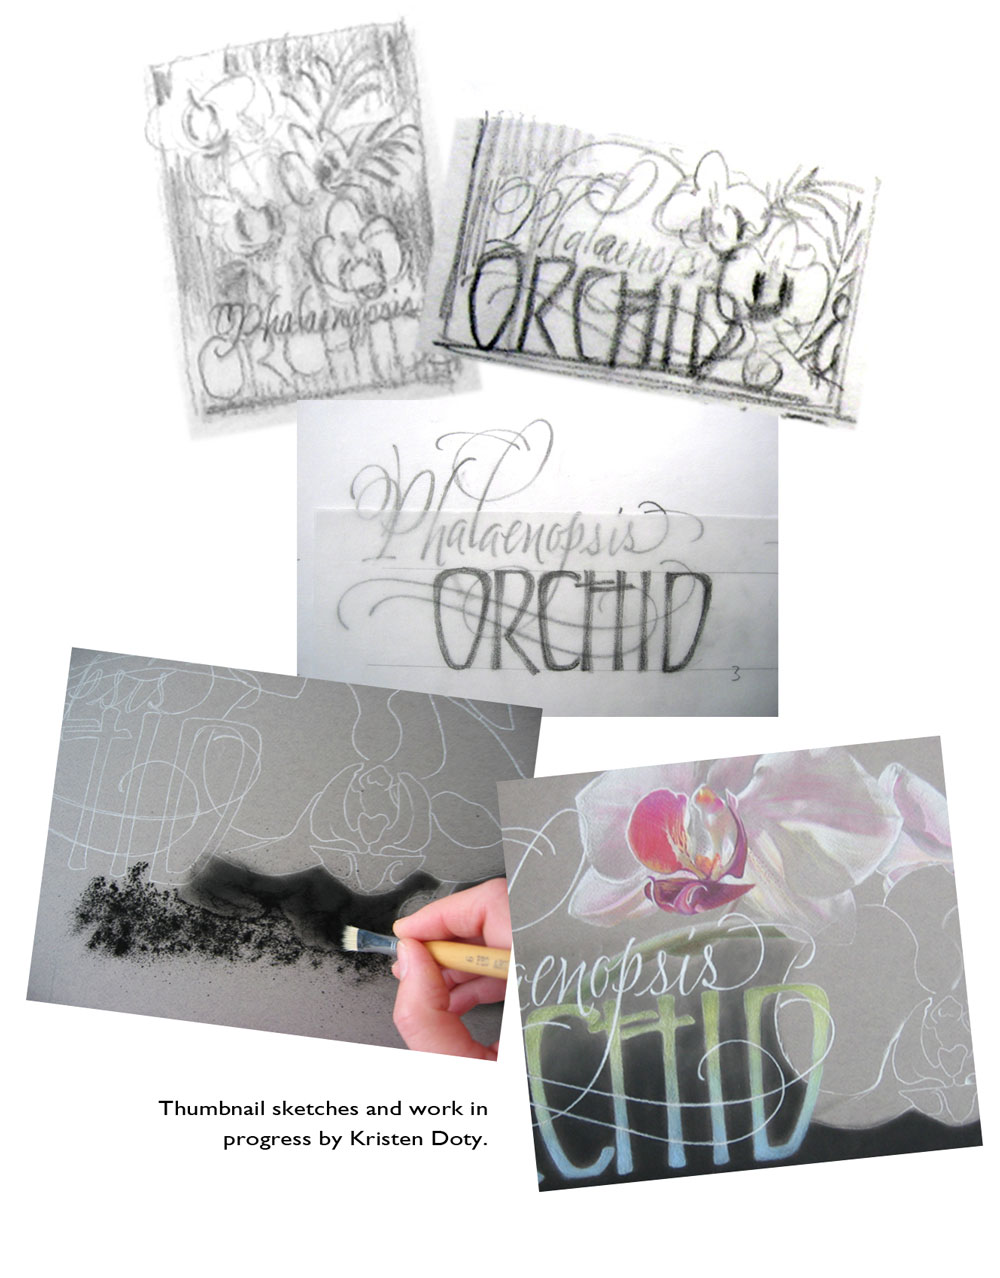 18pro04-orchid-work-in-progress.jpg